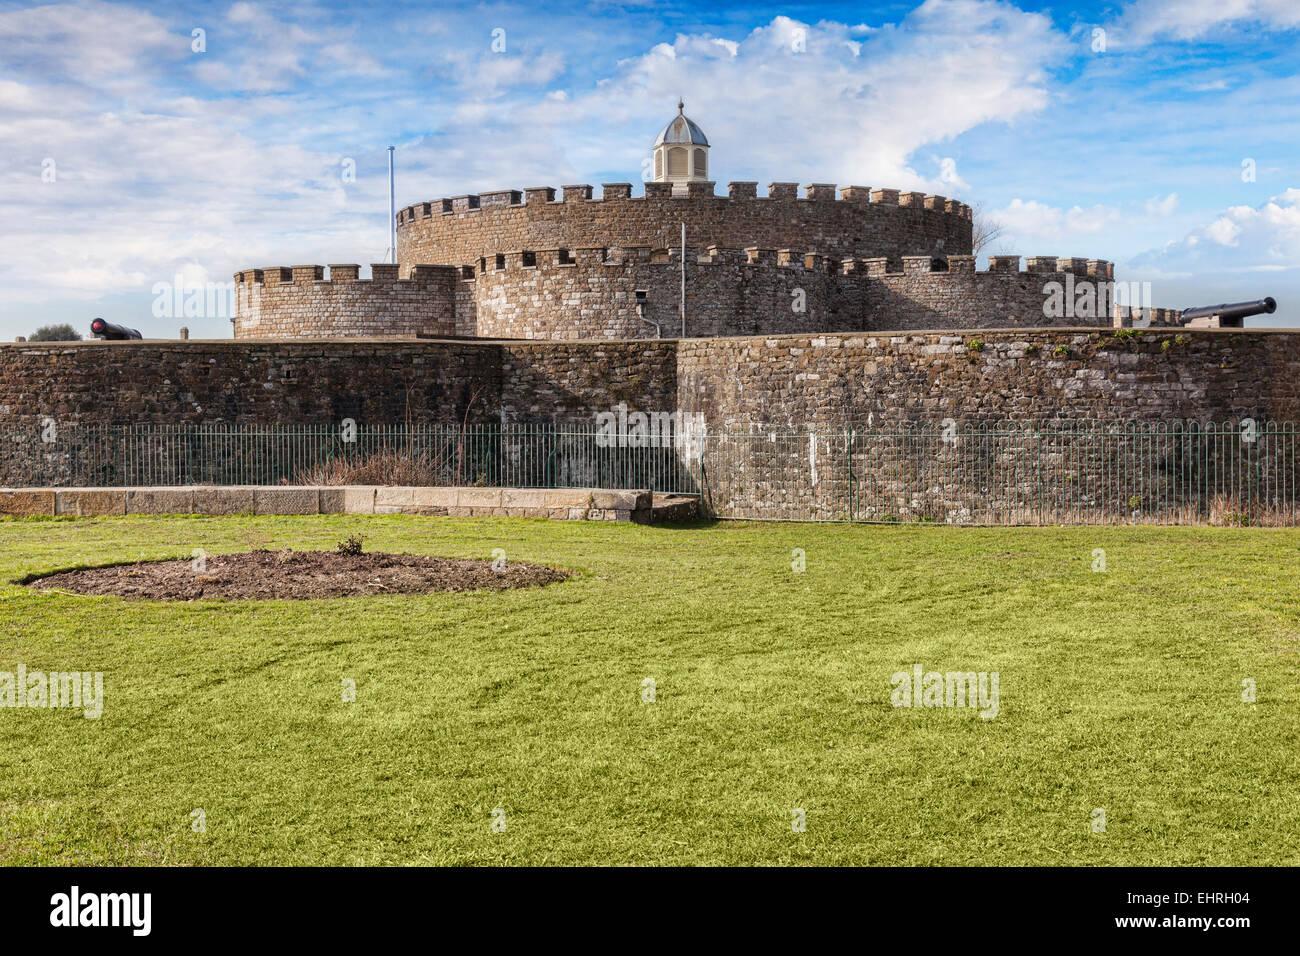 Il castello di trattativa, Kent, Inghilterra, Regno Unito, fu costruito per ordine di Enrico VIII e aperto nel 1540. Immagini Stock